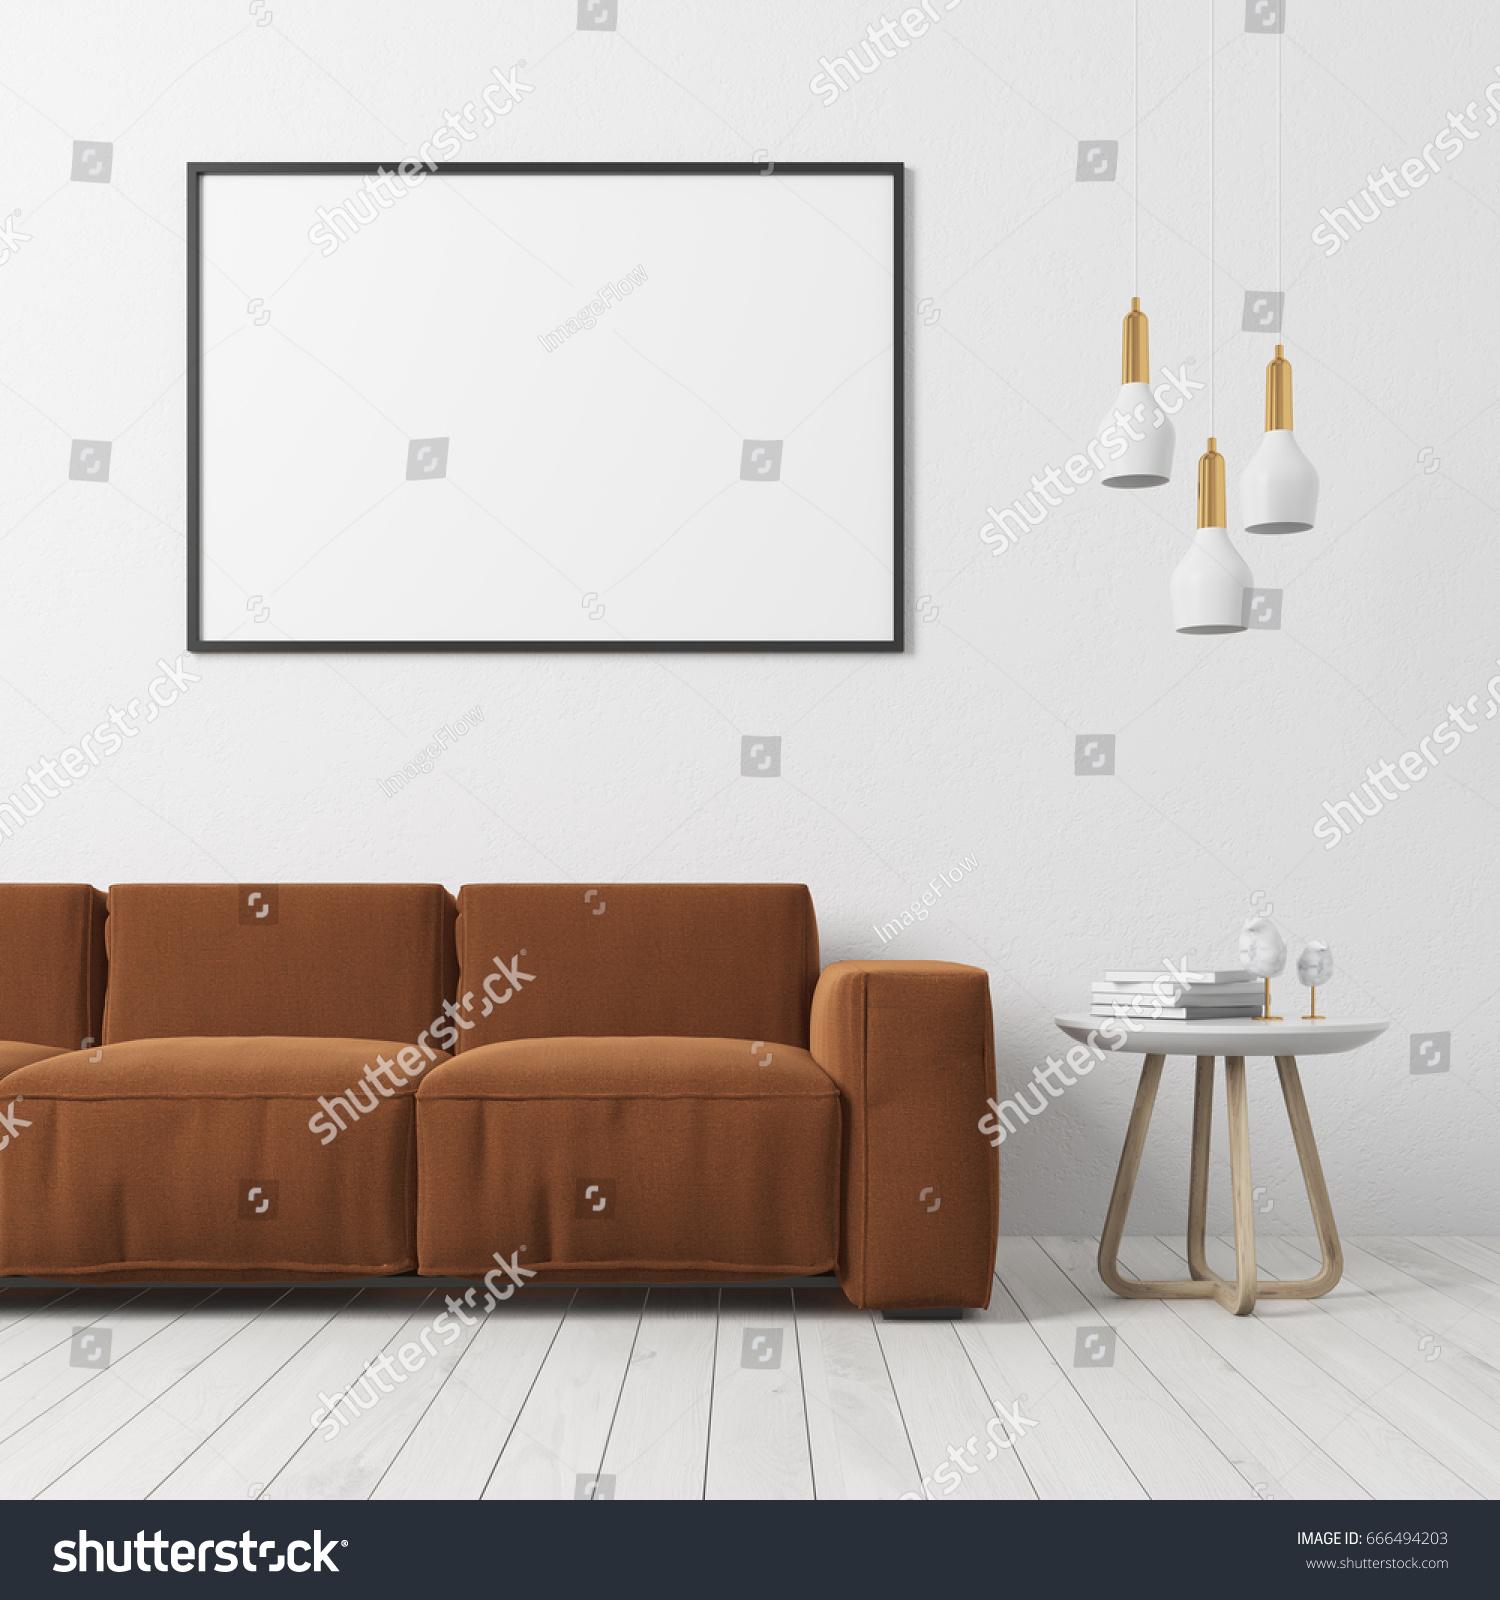 Living Room Interior White Wall White Stock Illustration 666494203 ...